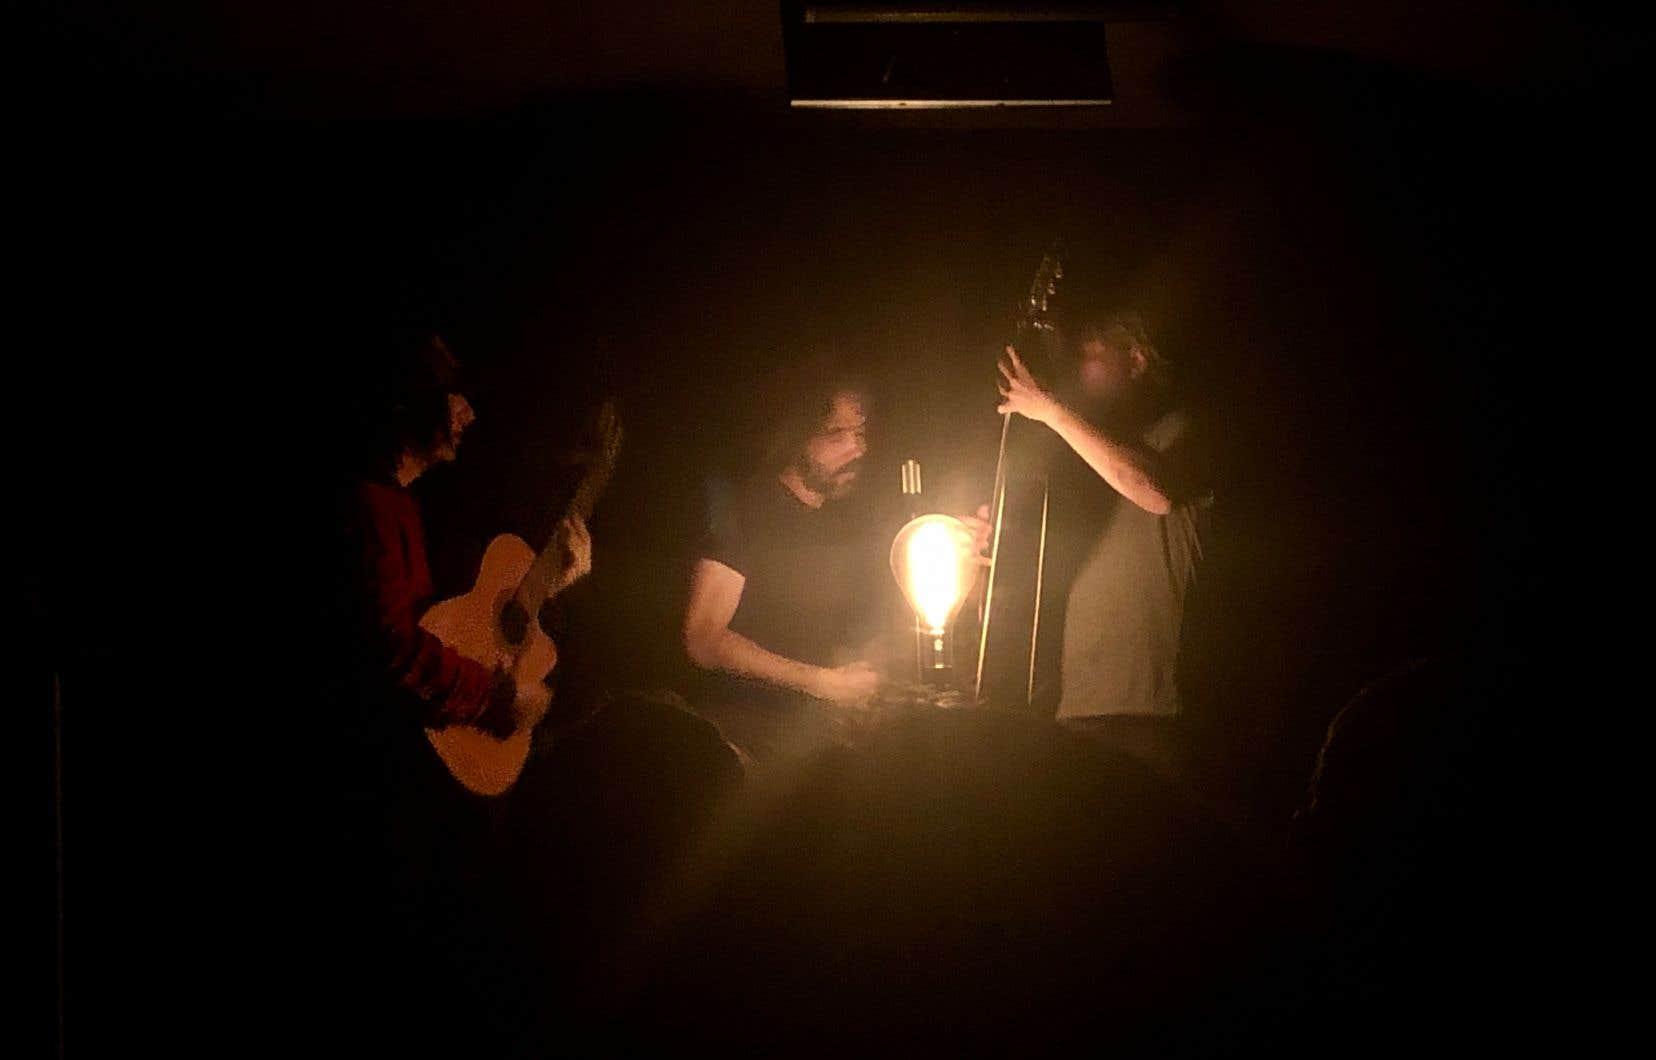 Ce fut une demi-heure unique, une messe qui rappelait la fameuse fois de l'église Saint-Jean-Baptiste, version salle de conférence Ubisoft transfigurée en tableau de la «Nativité», l'ampoule en contreplongée jouant le rôle de la Lumière.